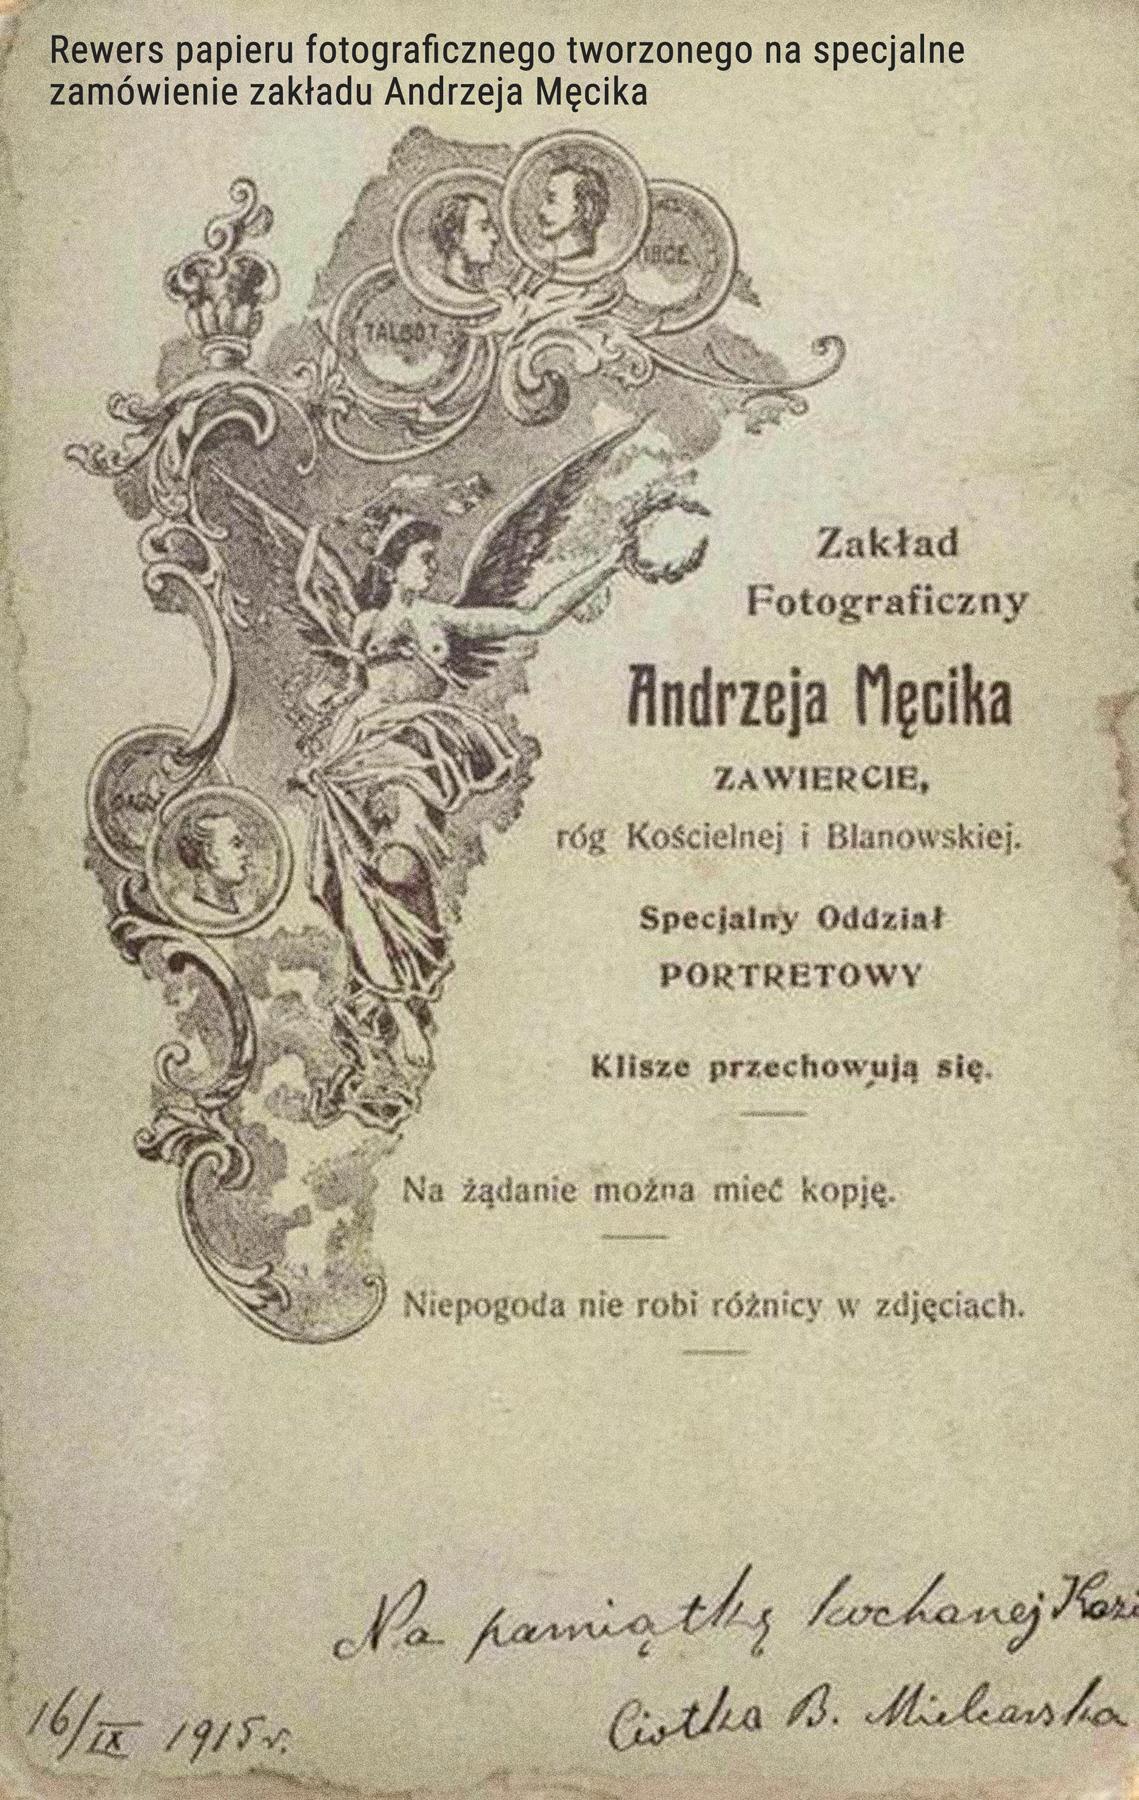 Andrzej-Męcik-rewers